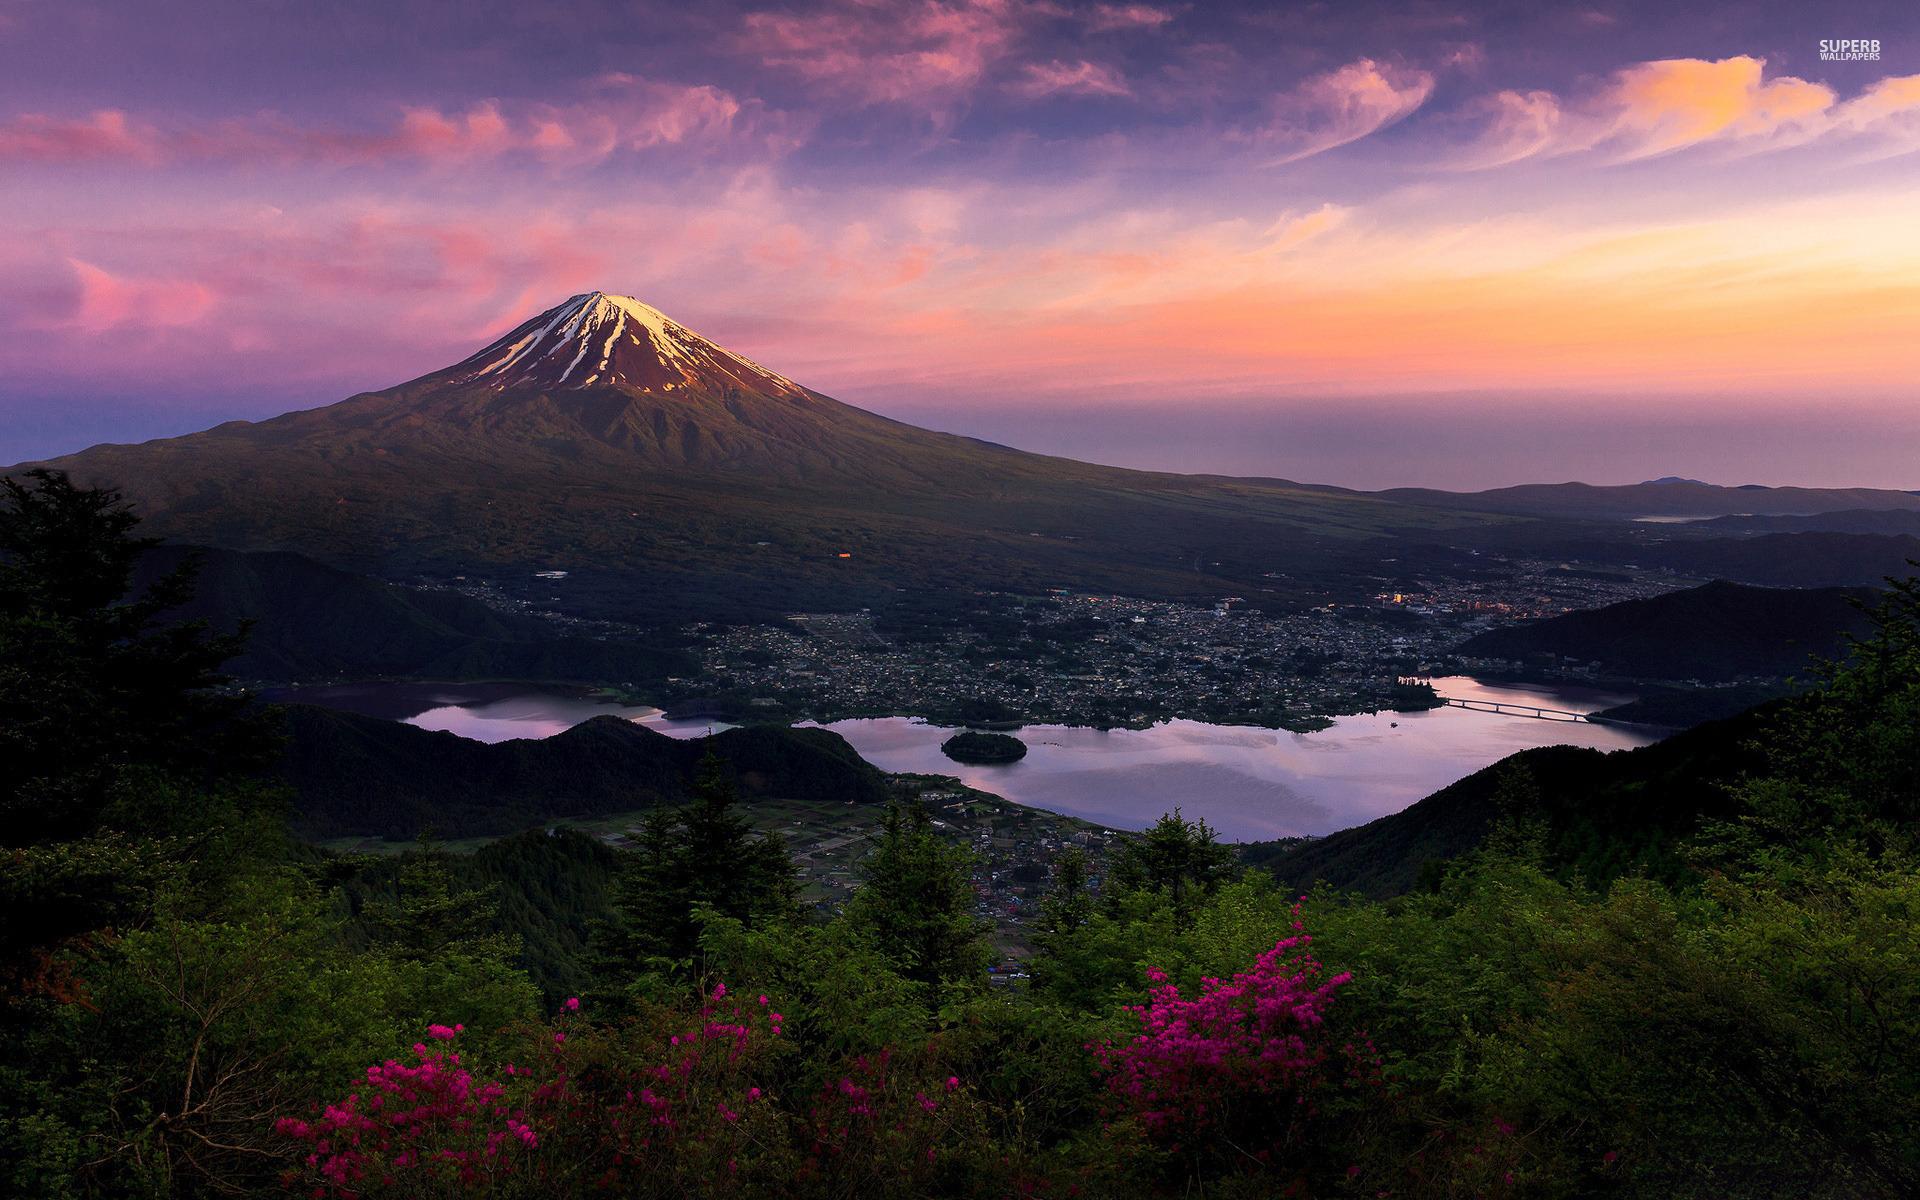 Cerita dan Fakta Menarik Gunung Fuji image